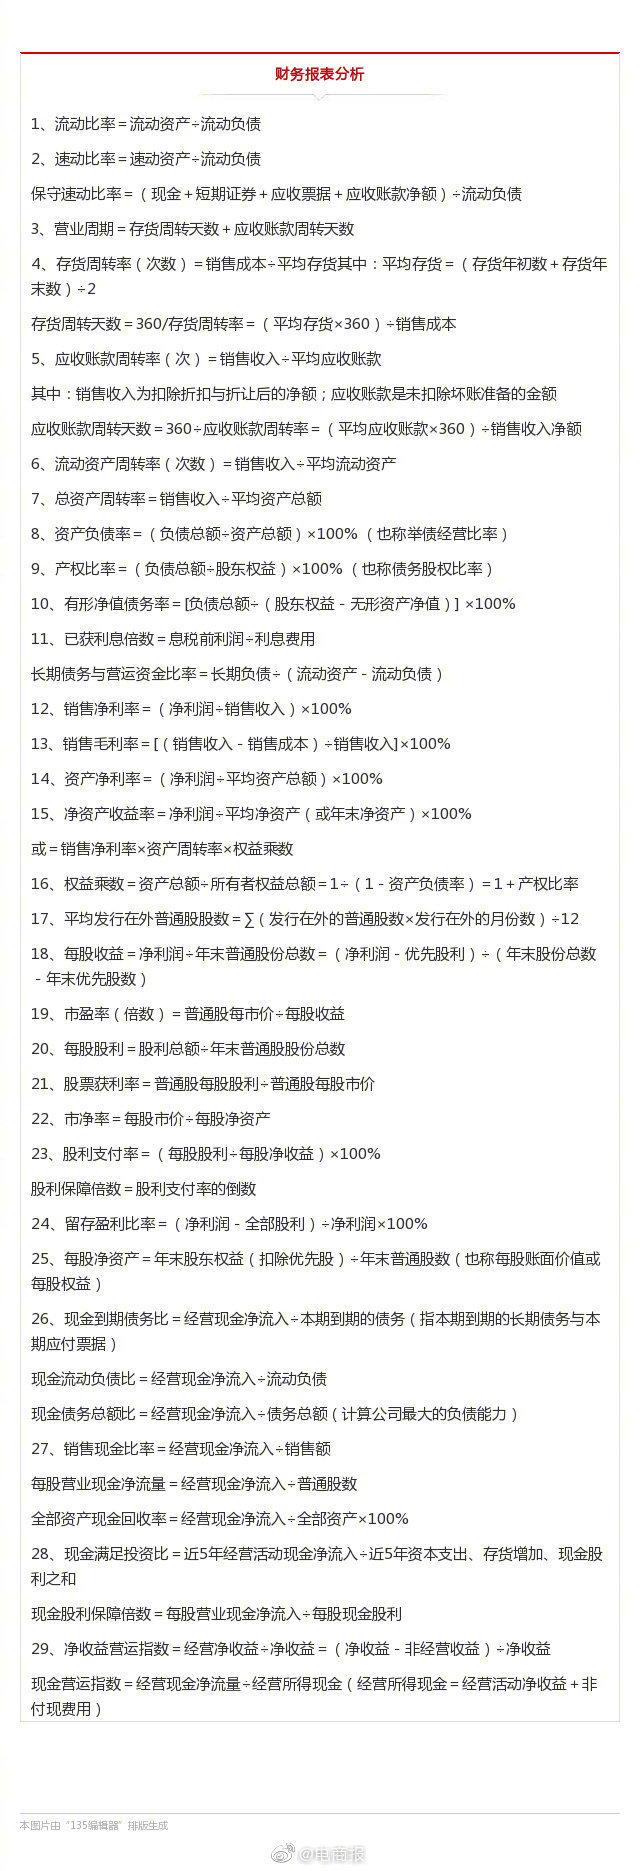 财务管理的110个经典公式,转藏学习!!!